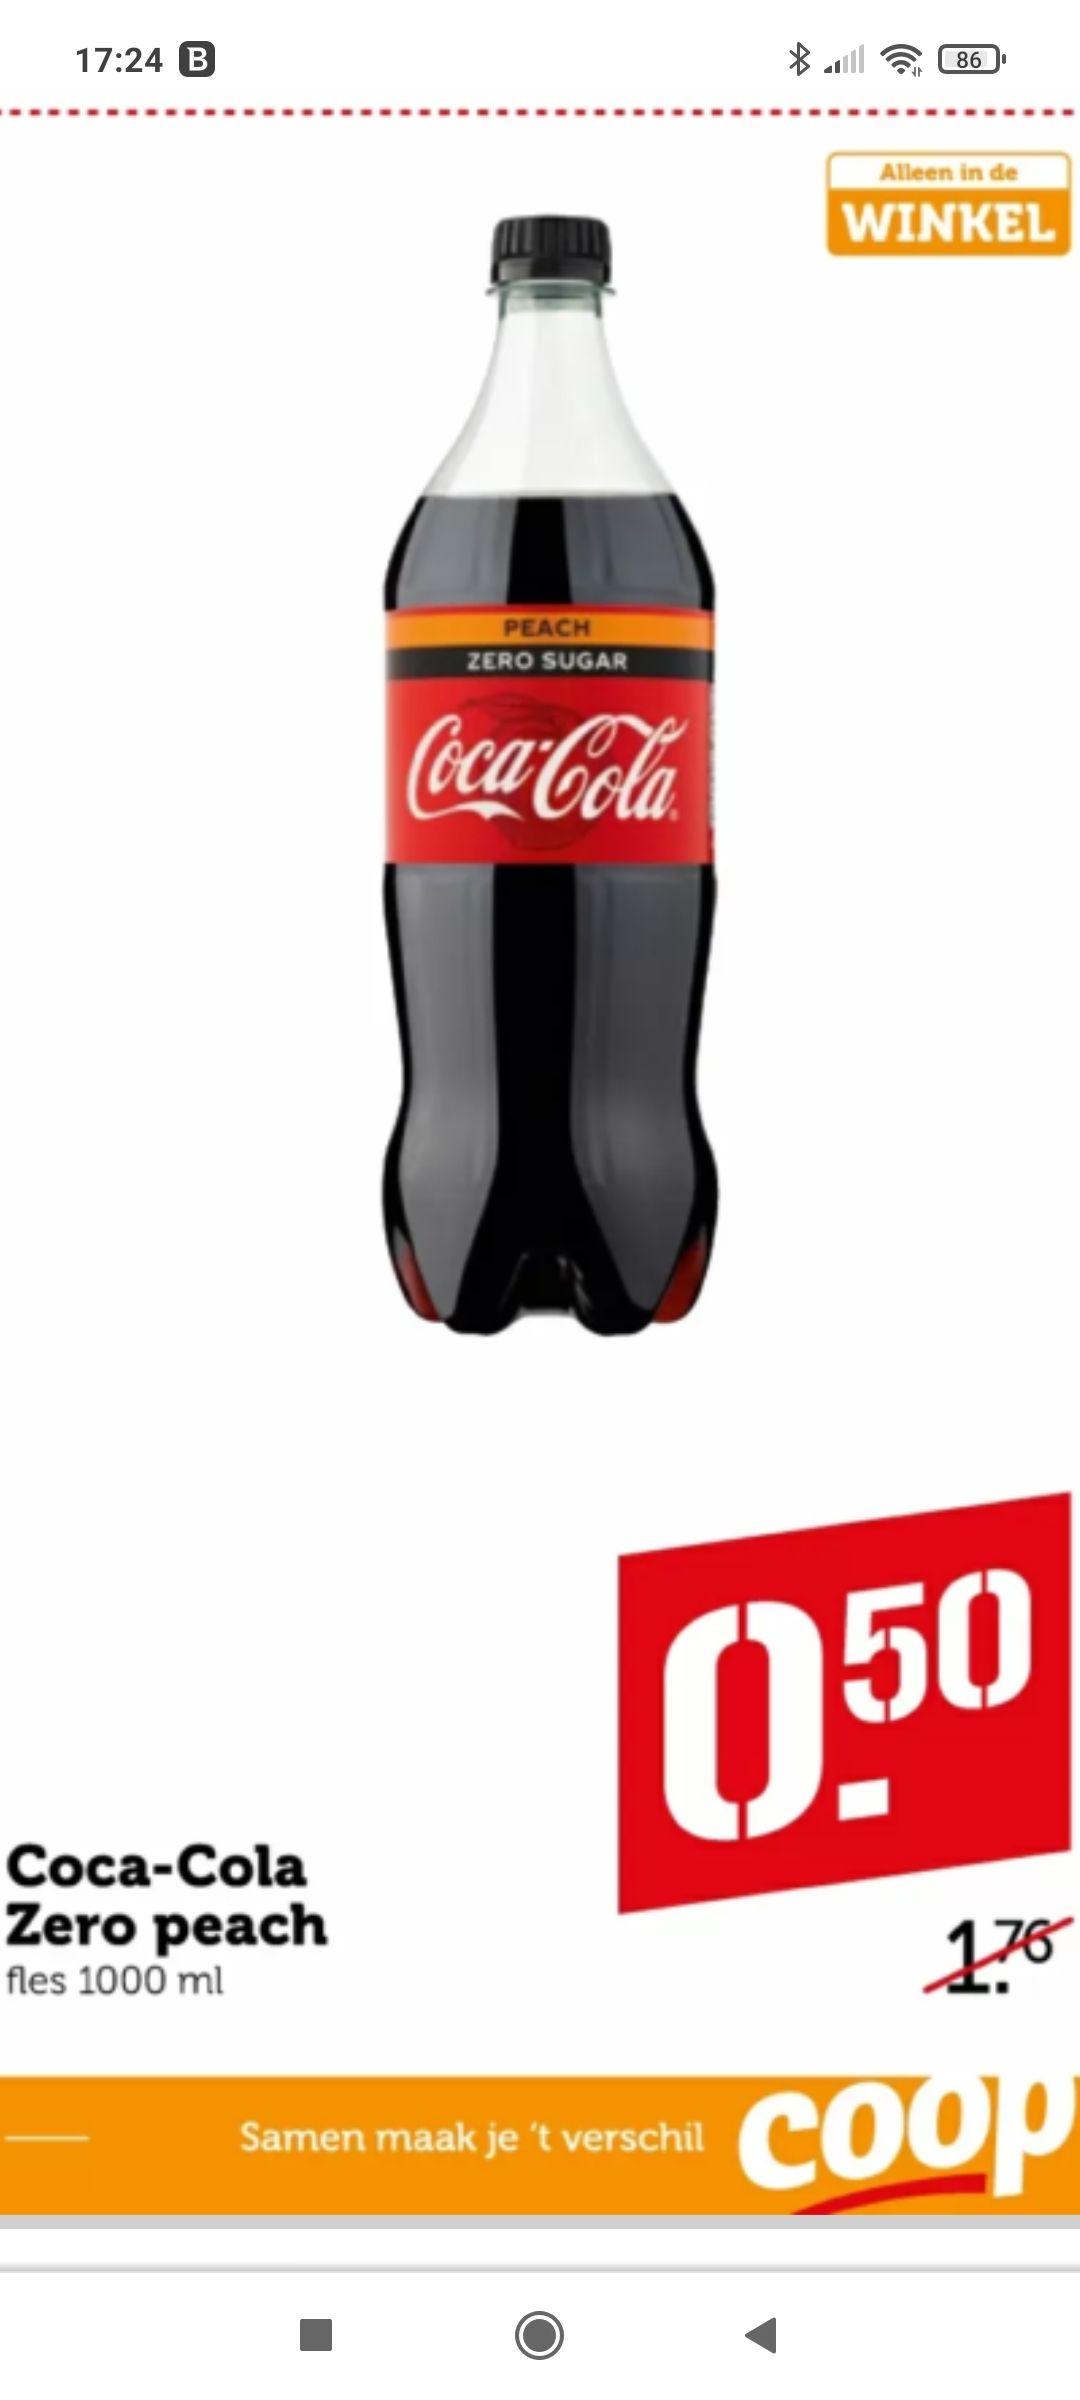 Coca cola peach @coop